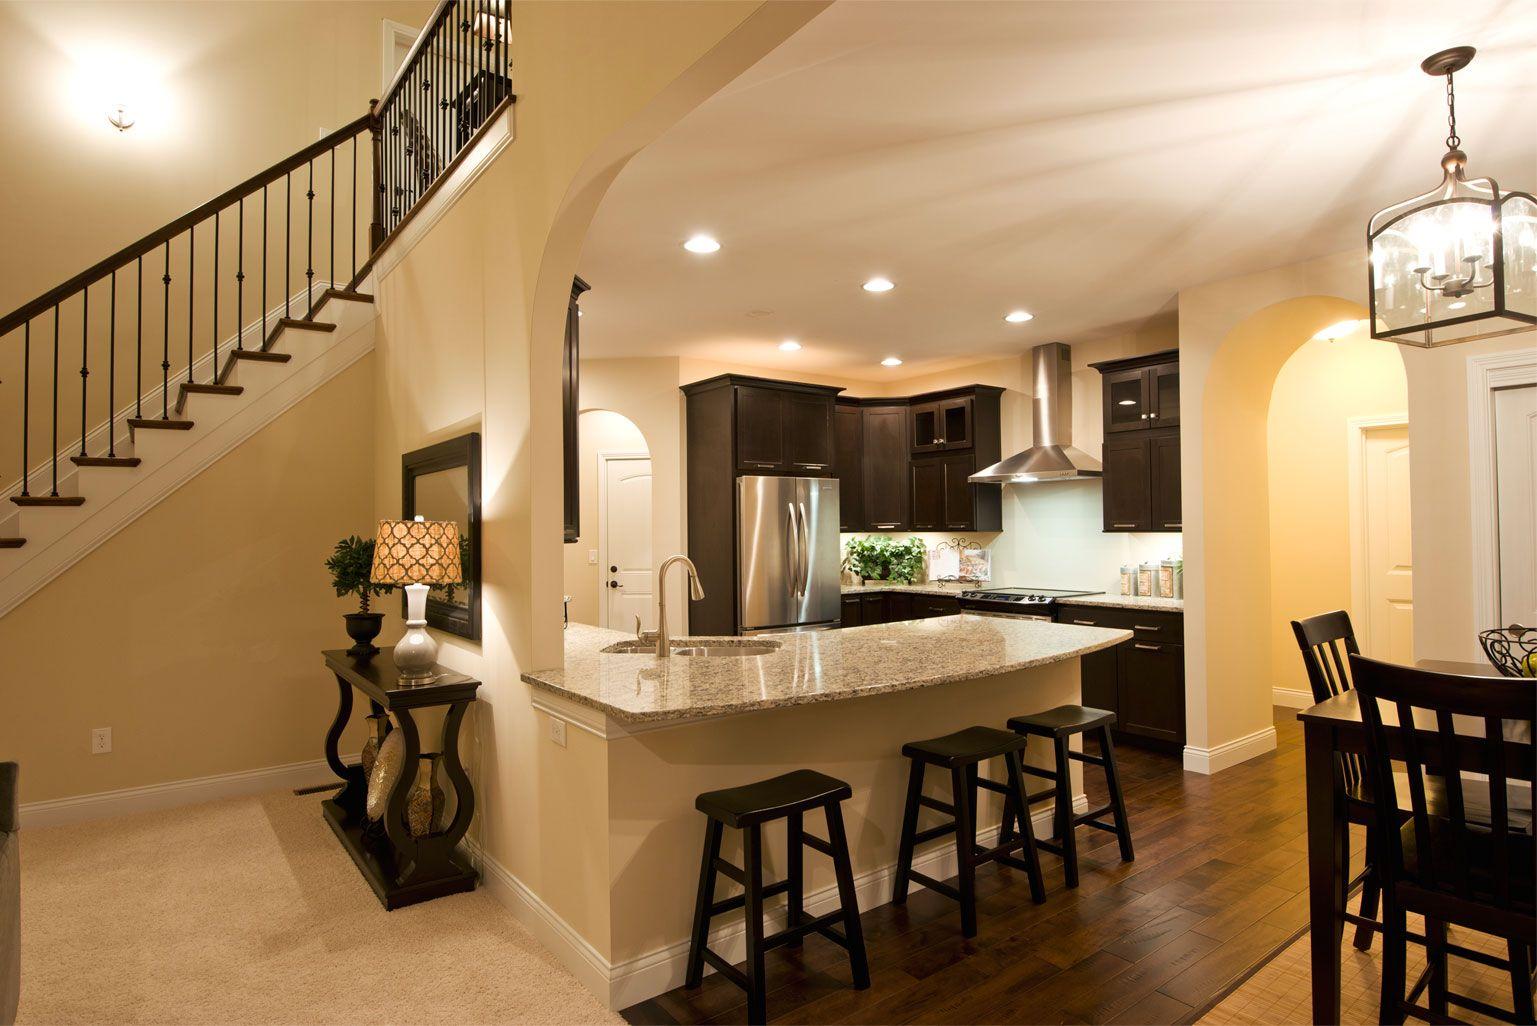 Model Homes Kitchens | Home Builders in Cincinnati ... on Model Kitchens  id=47322